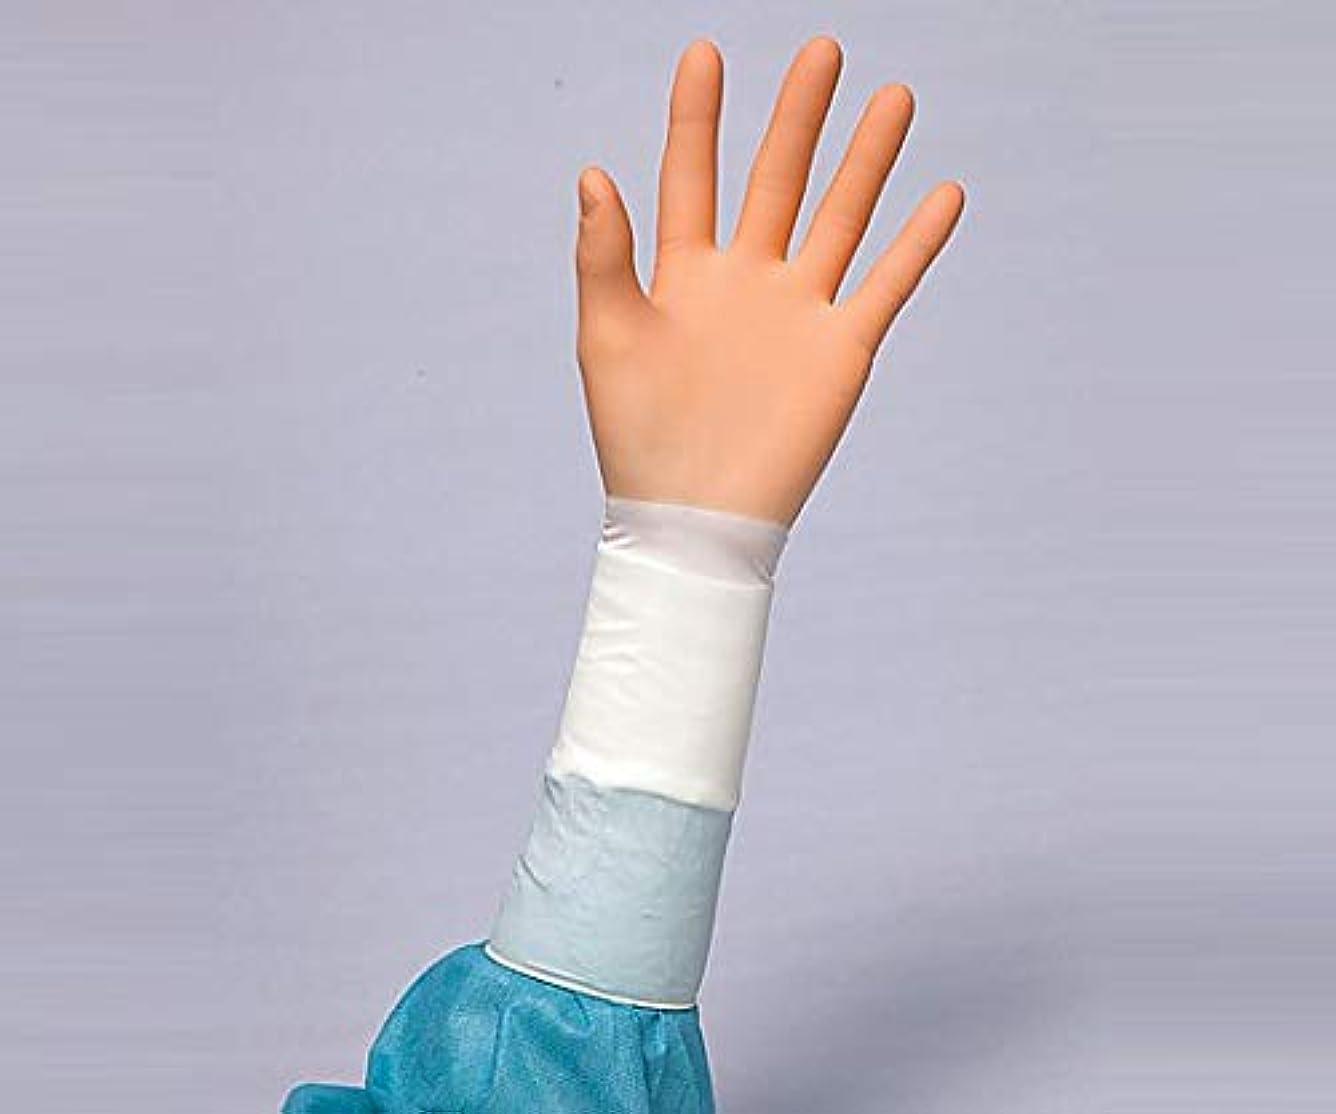 歌謎めいた遊具エンブレム手術用手袋PF 20双 7.5